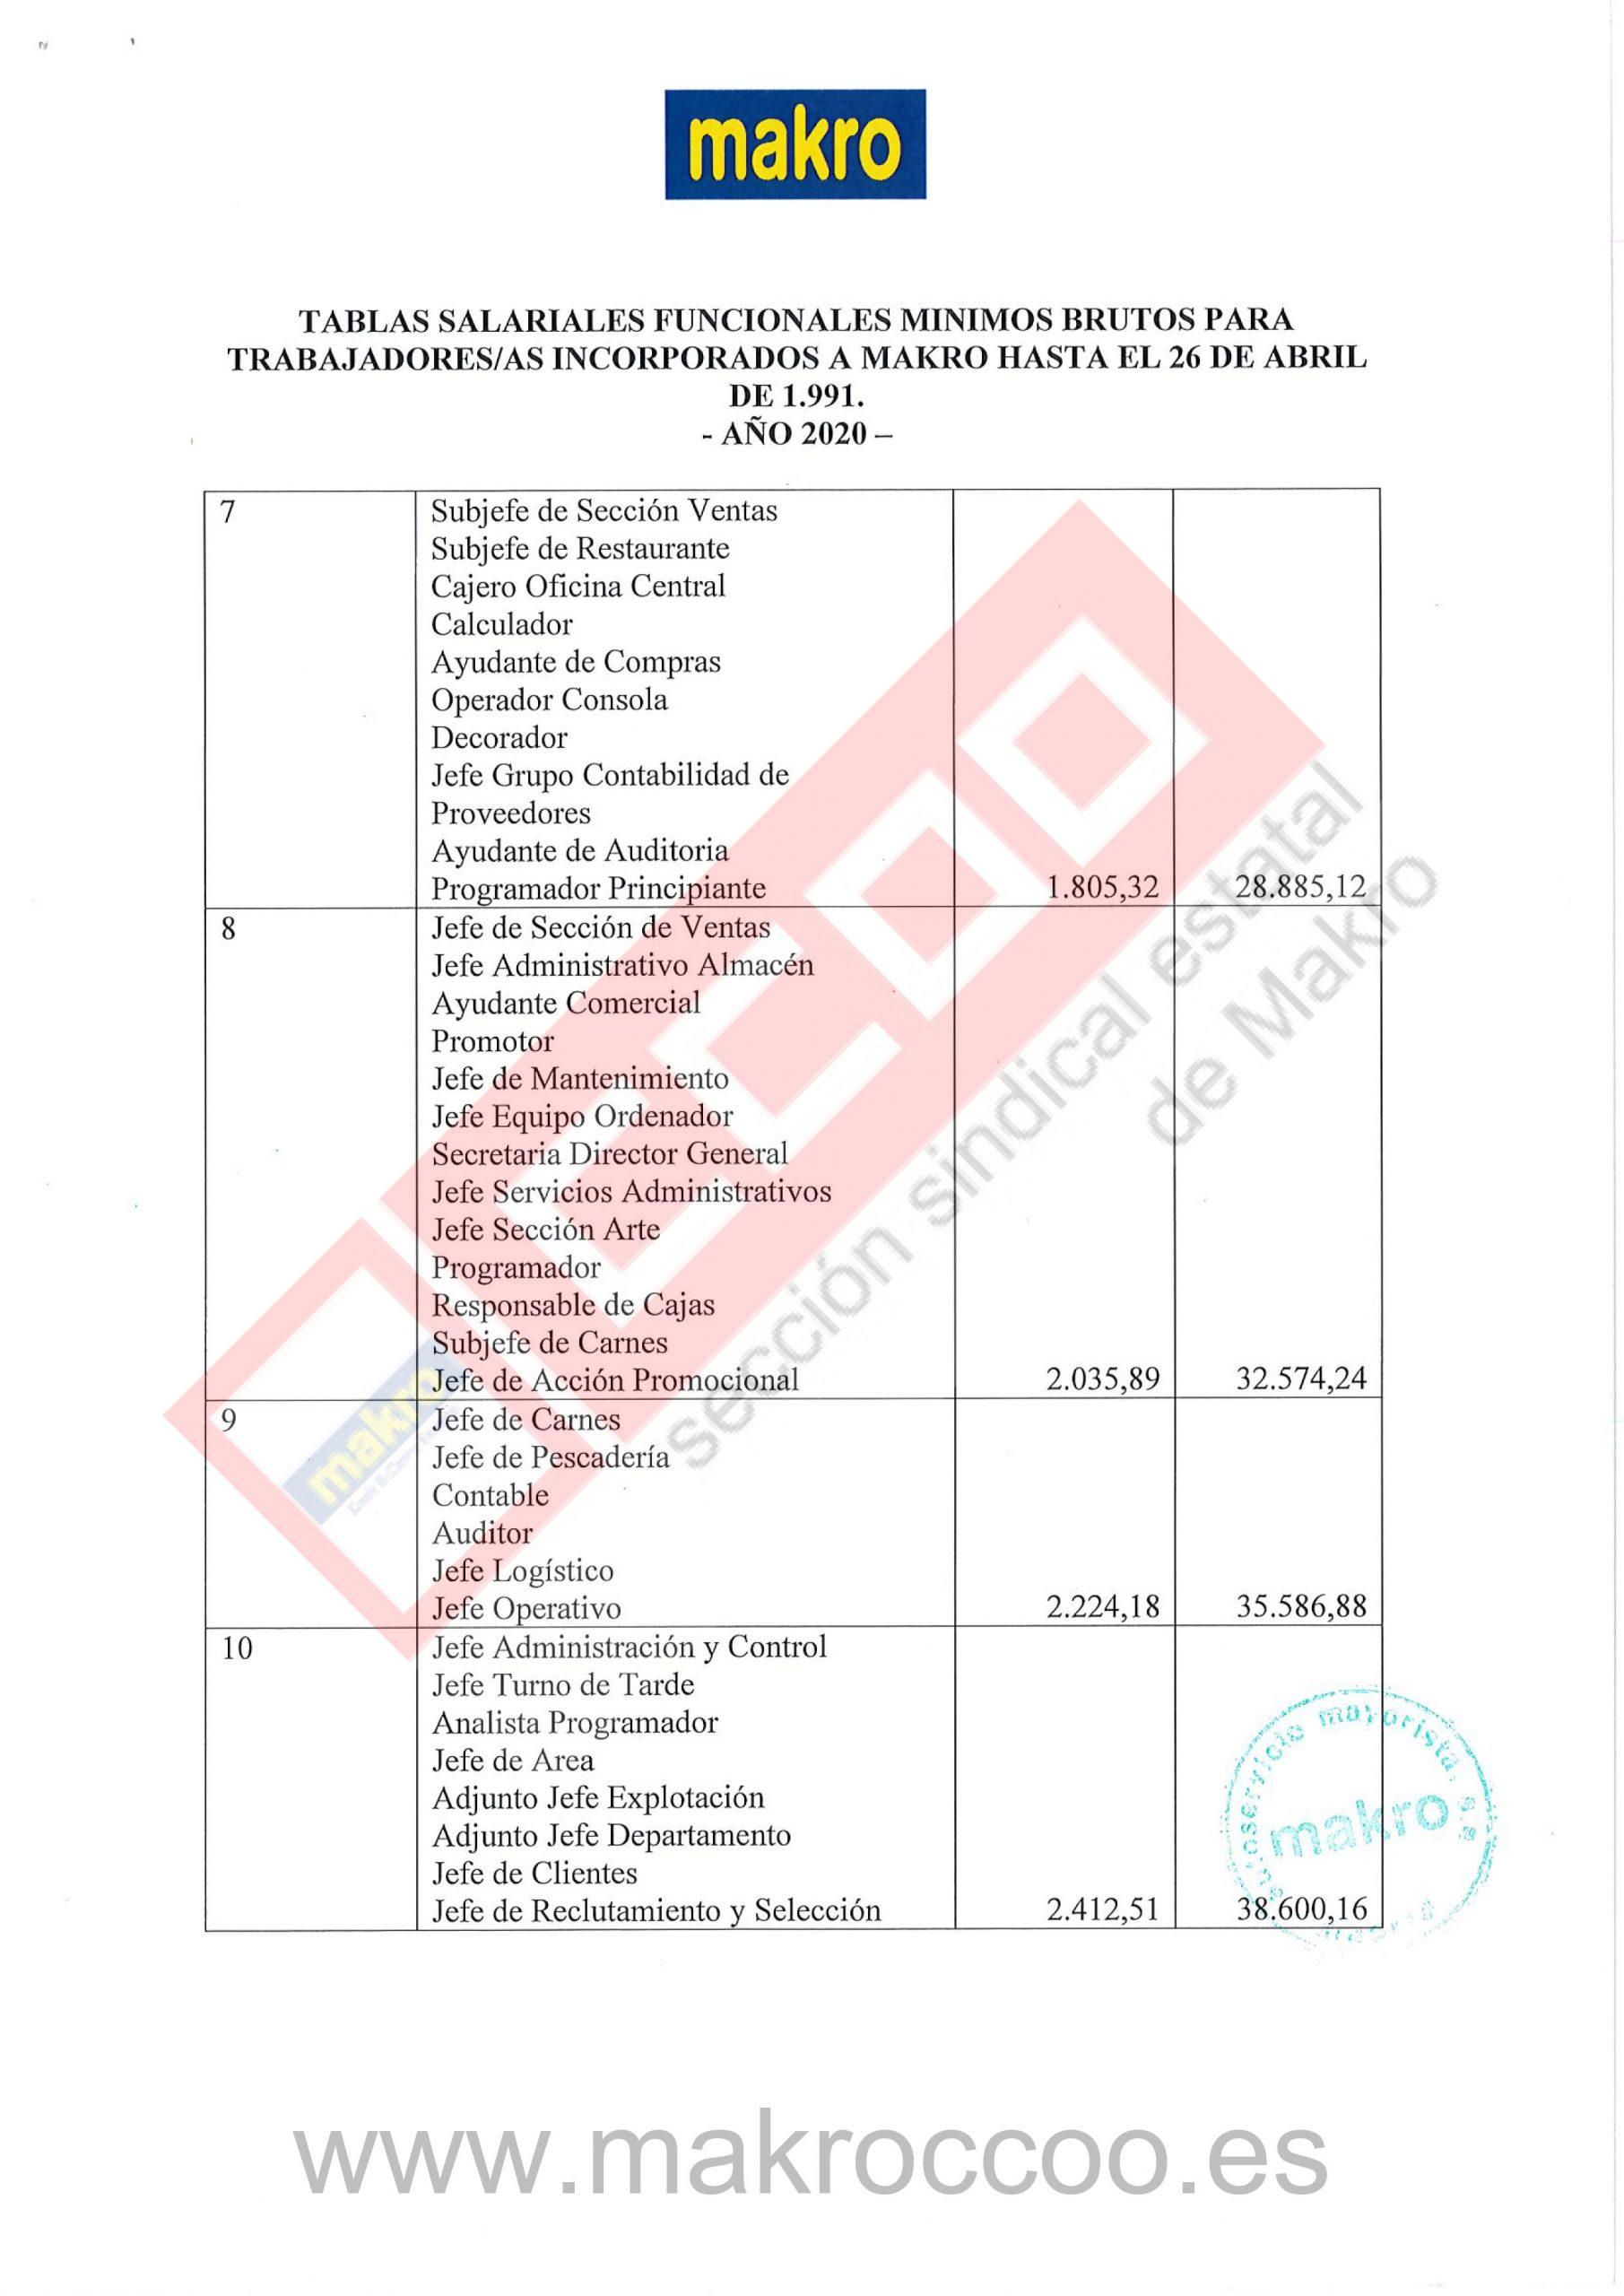 Tablas Salariales 2020 Makro Trabajadores incorporados hasta 26 04 1991-2